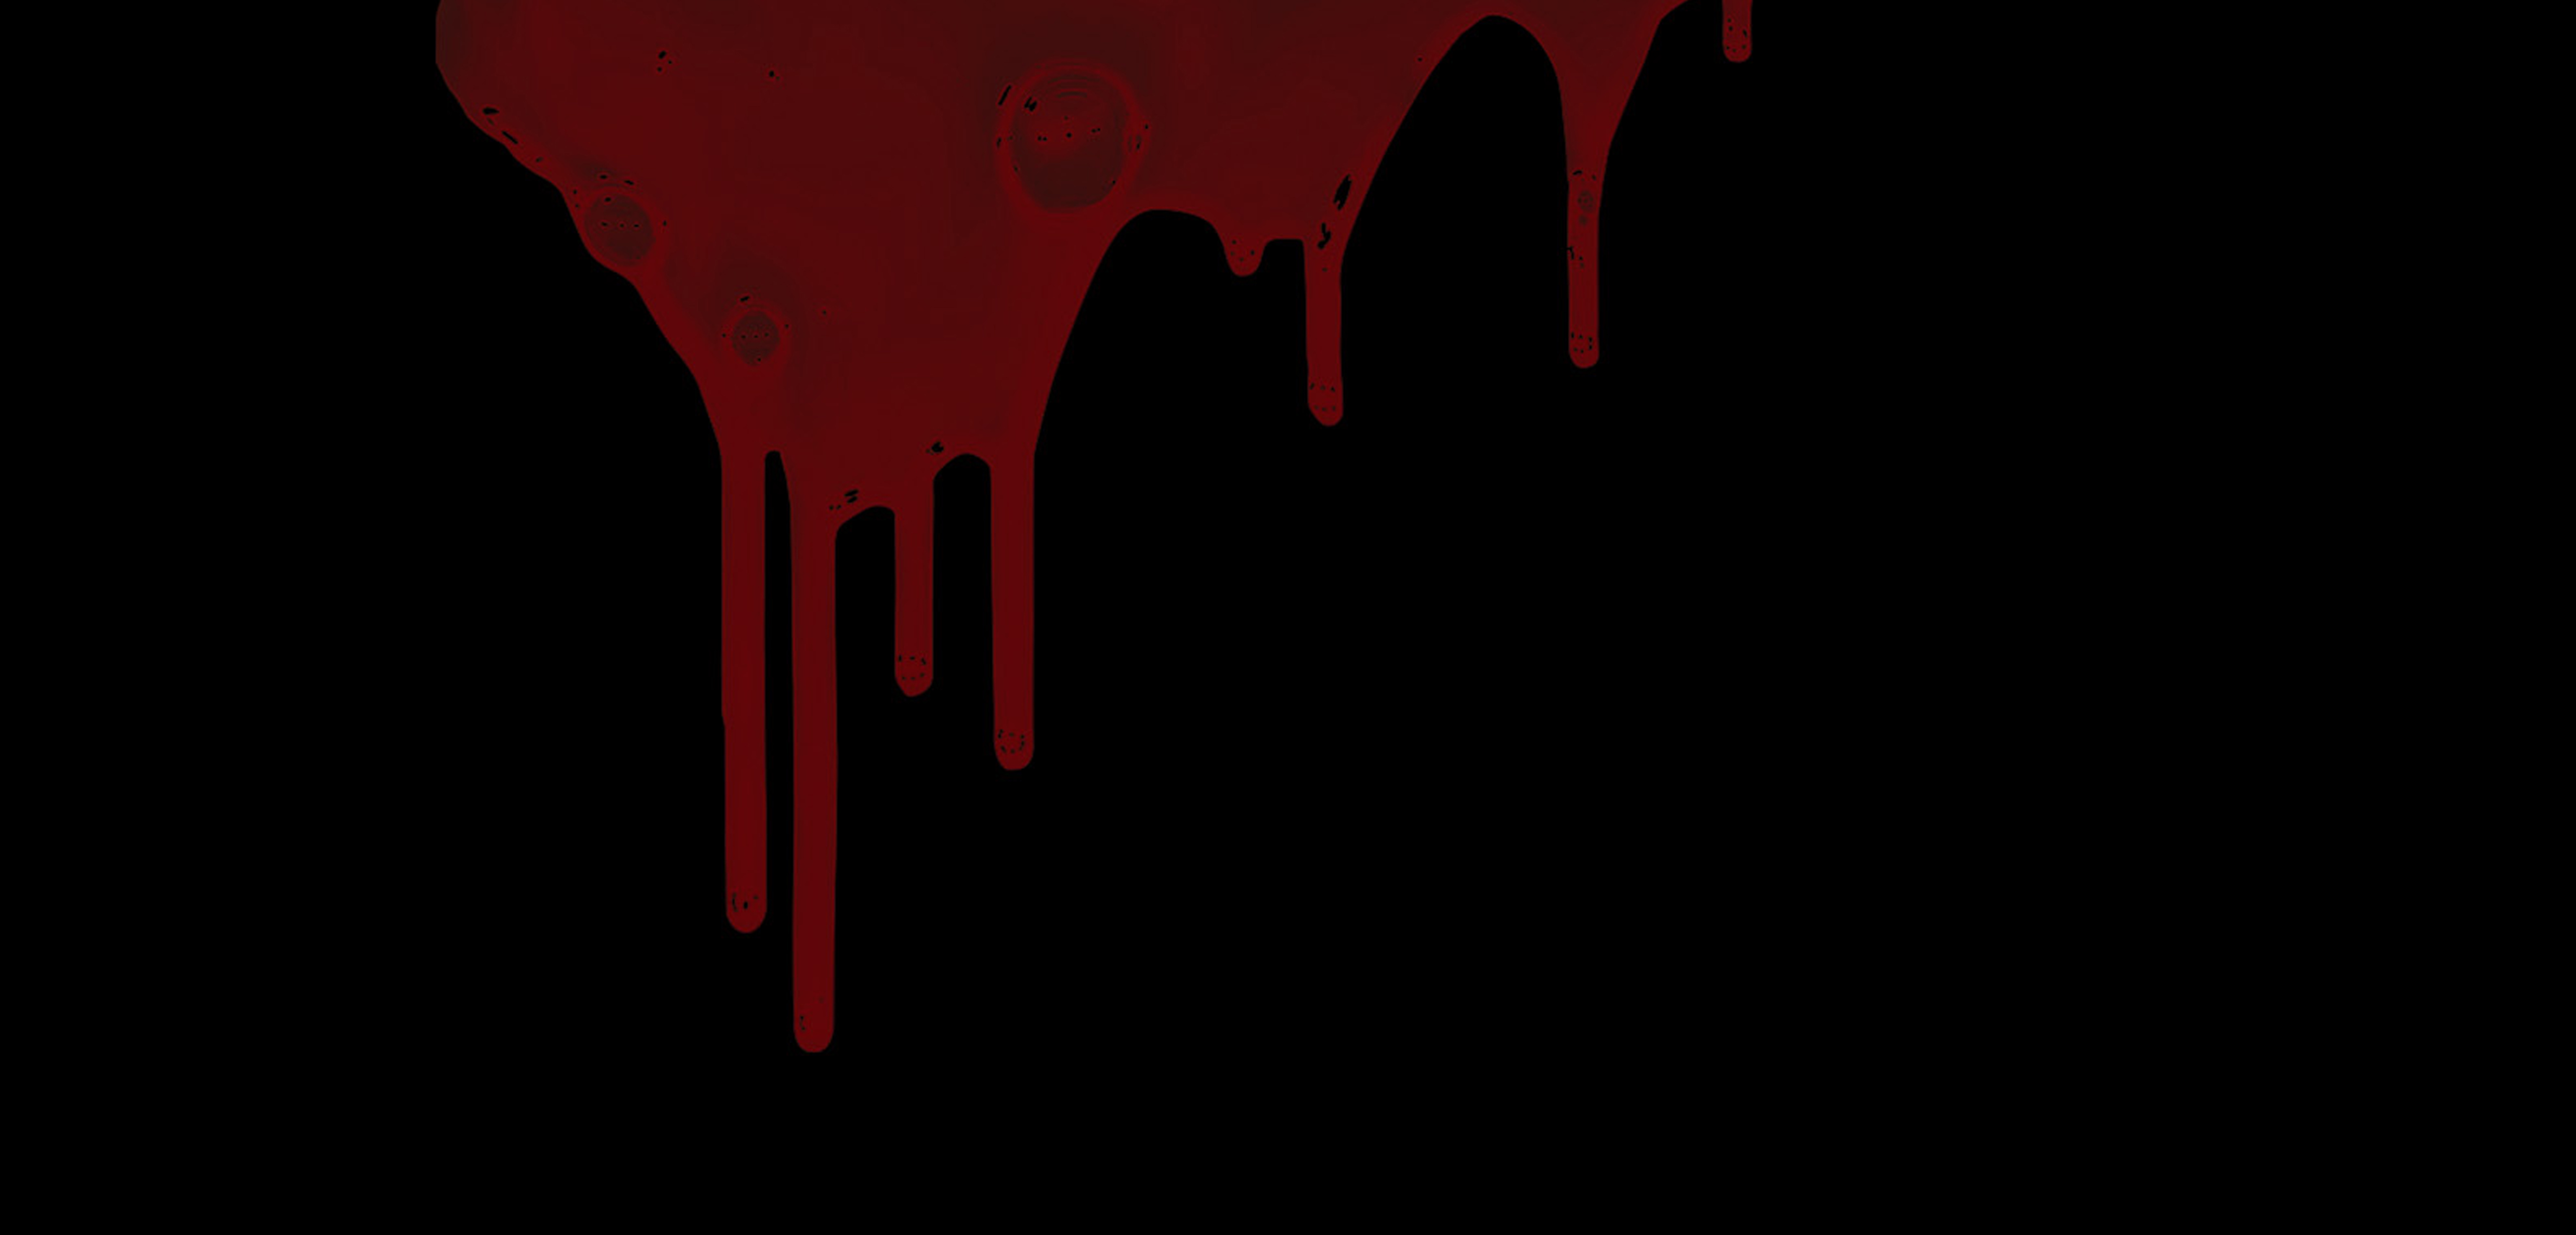 """En """"Hallowine"""", los calados de Bodegas Franco-Españolas te trasladan a una oscura pesadilla"""